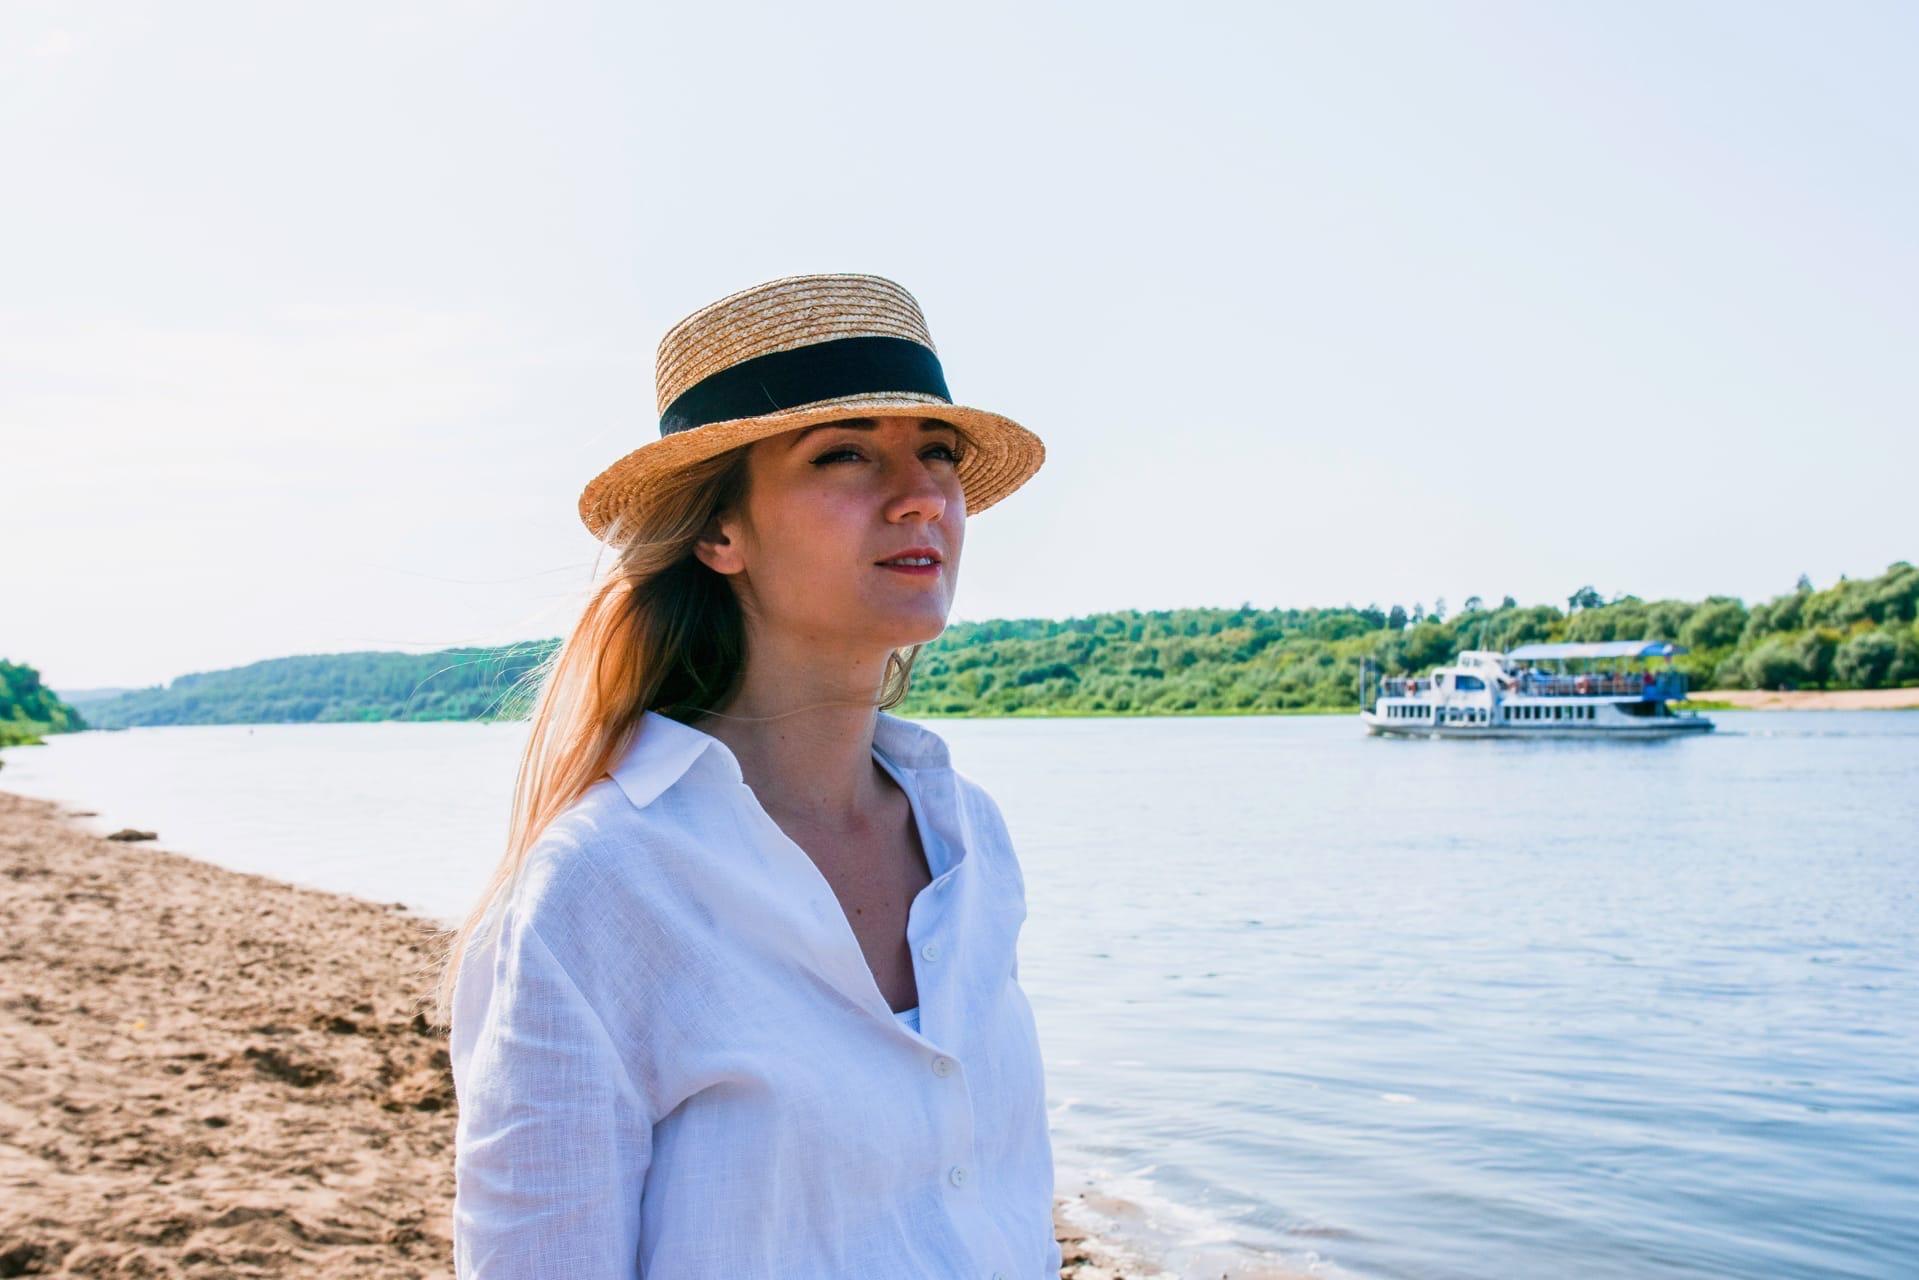 Светлана Маркина: Волга - первый и самый главный символ нашего региона